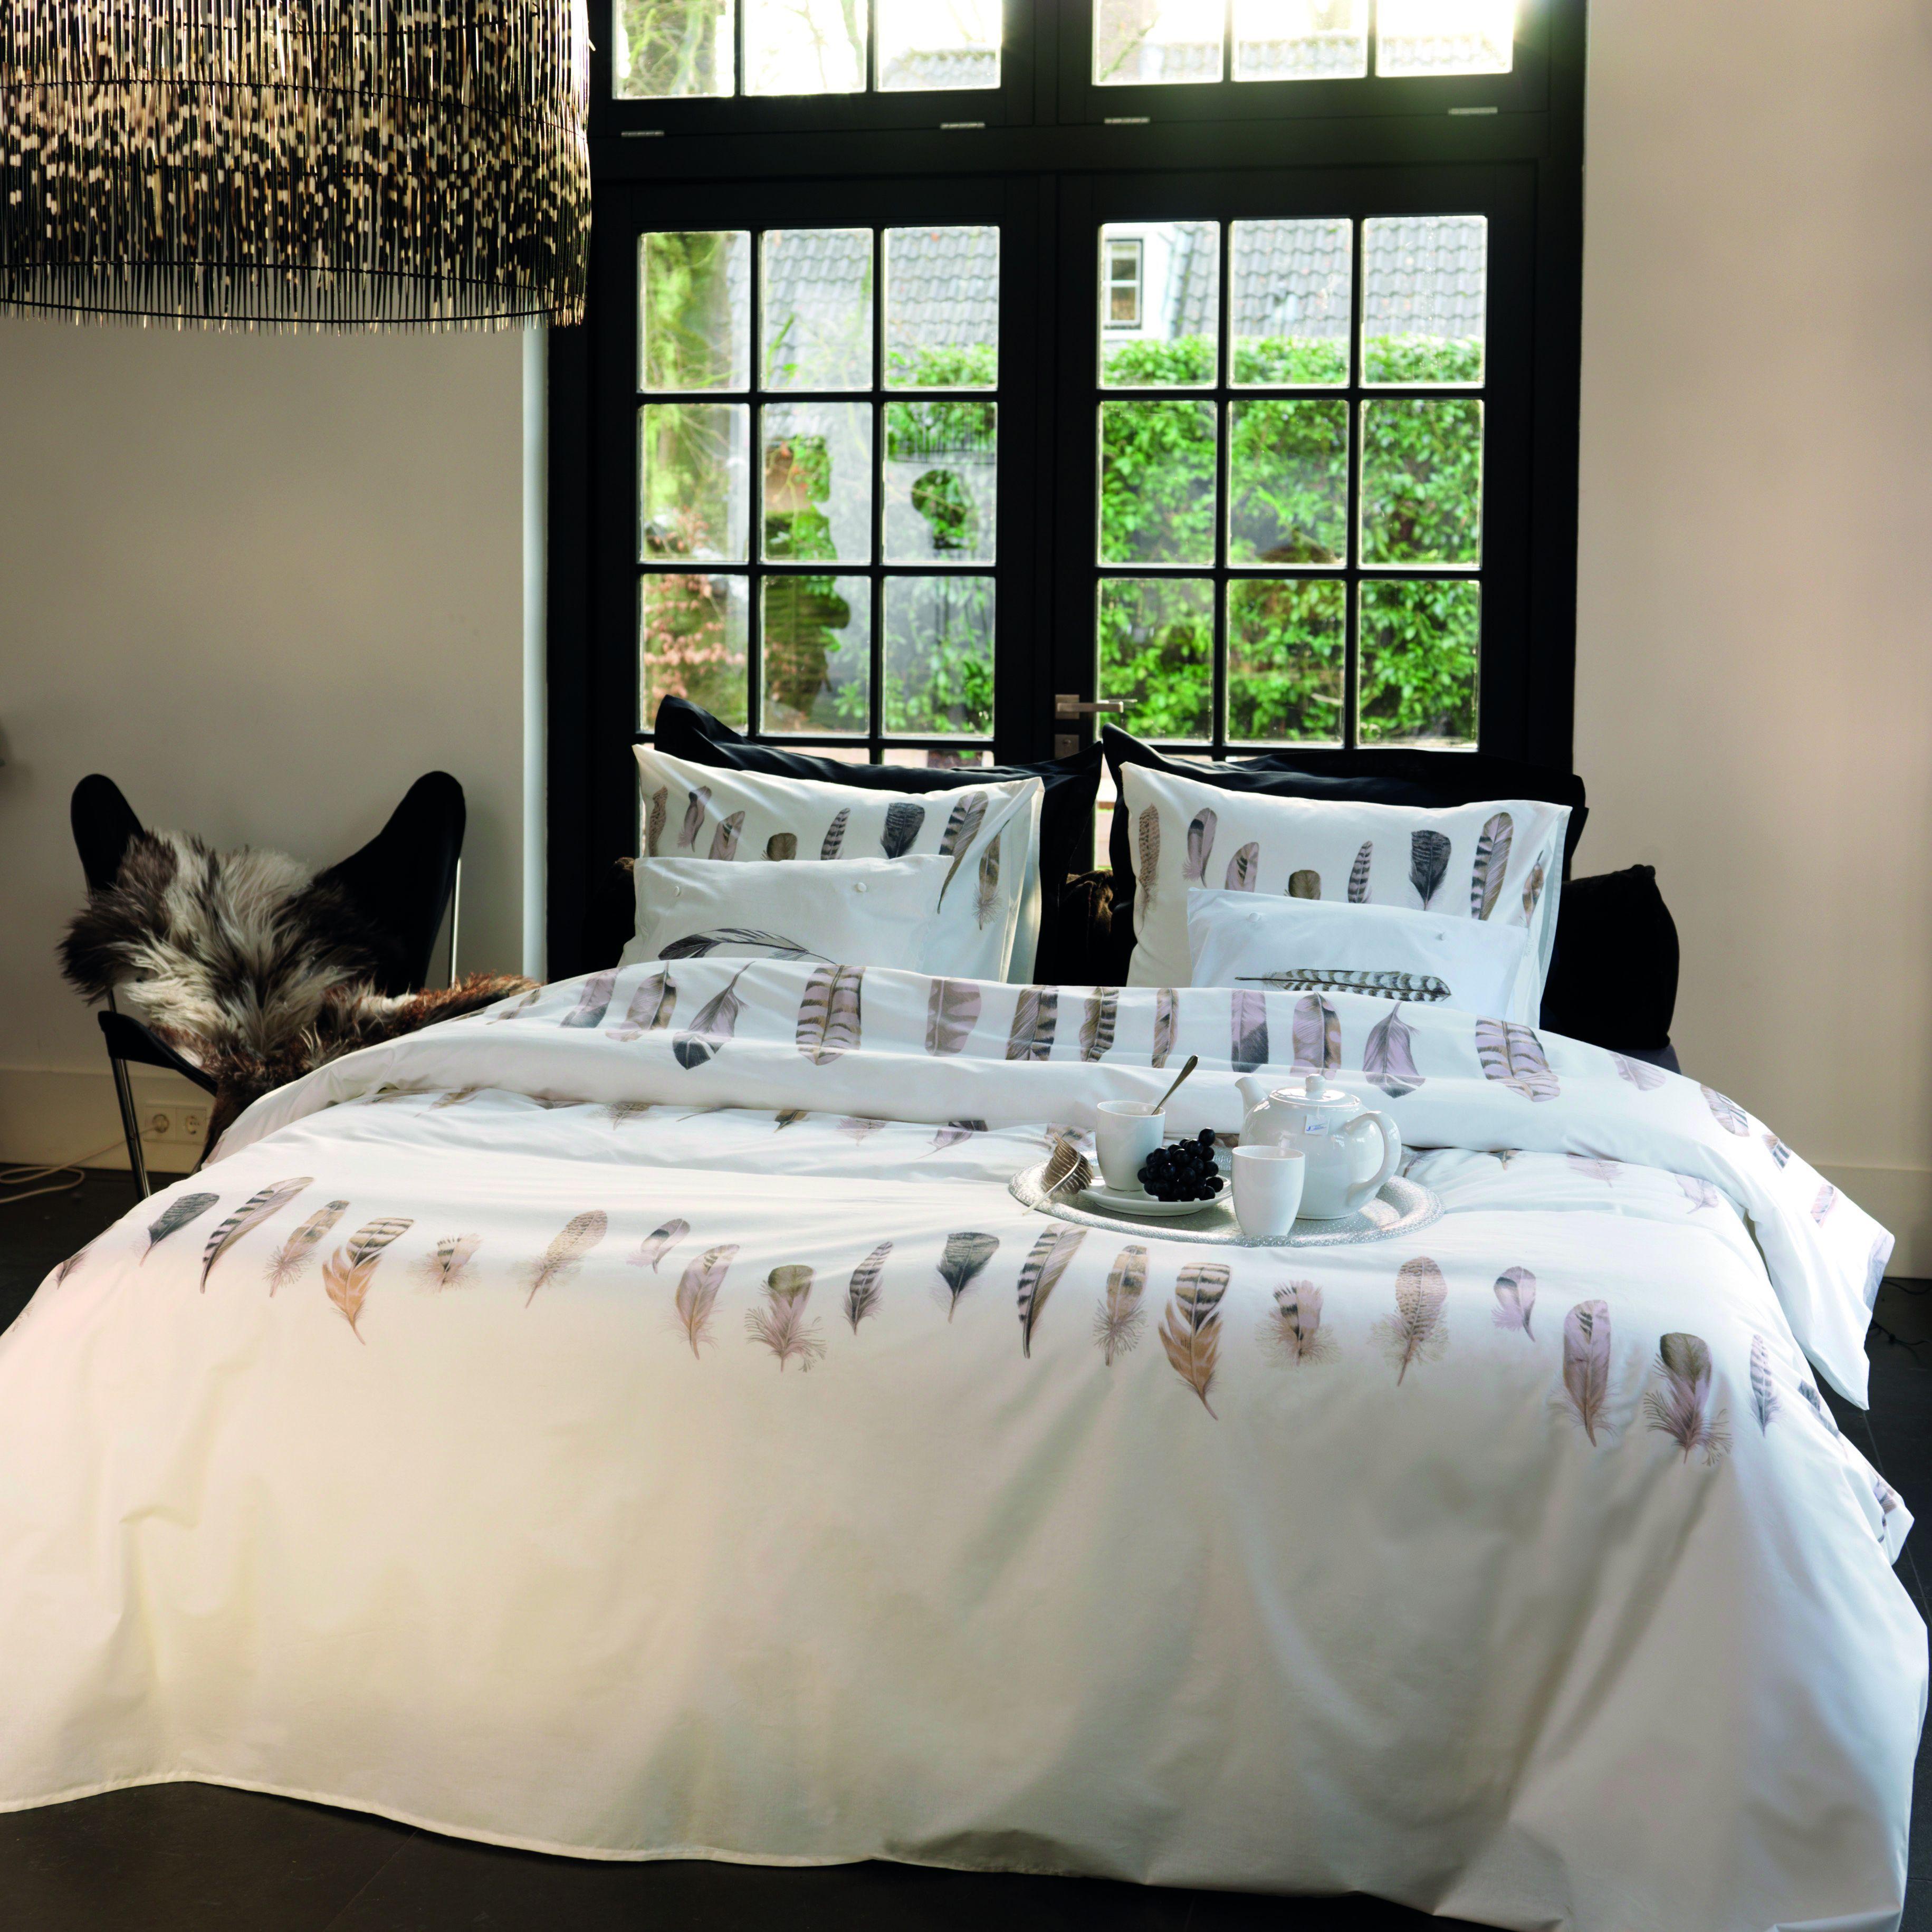 Romantische slaapkamer inrichting : het mooiste interieur bij u thuis.